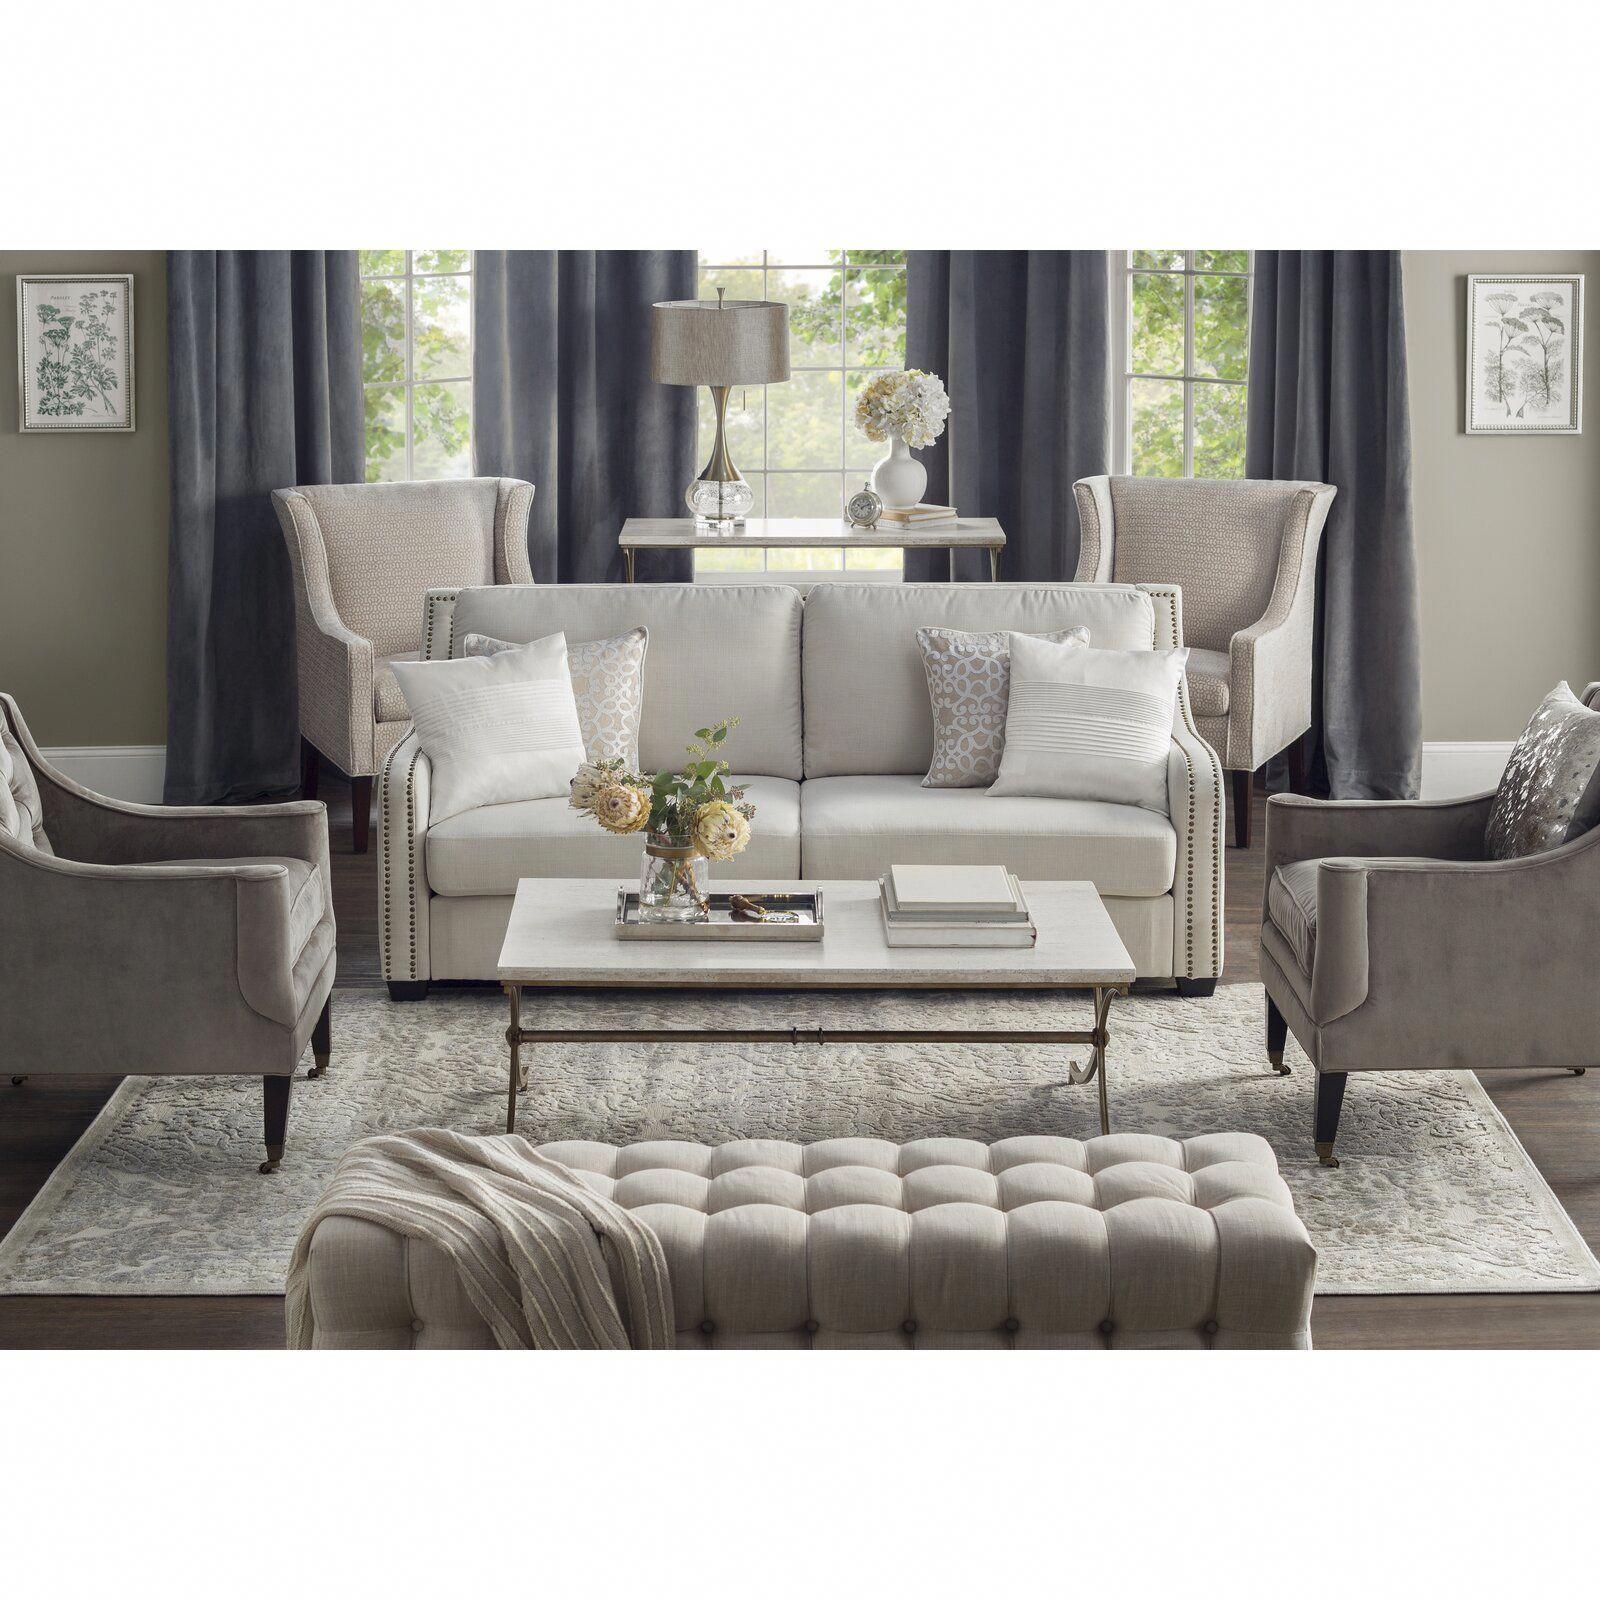 Modern Glam Living Room Decorating Ideas 19: #elegantlivingroomdecor In 2020